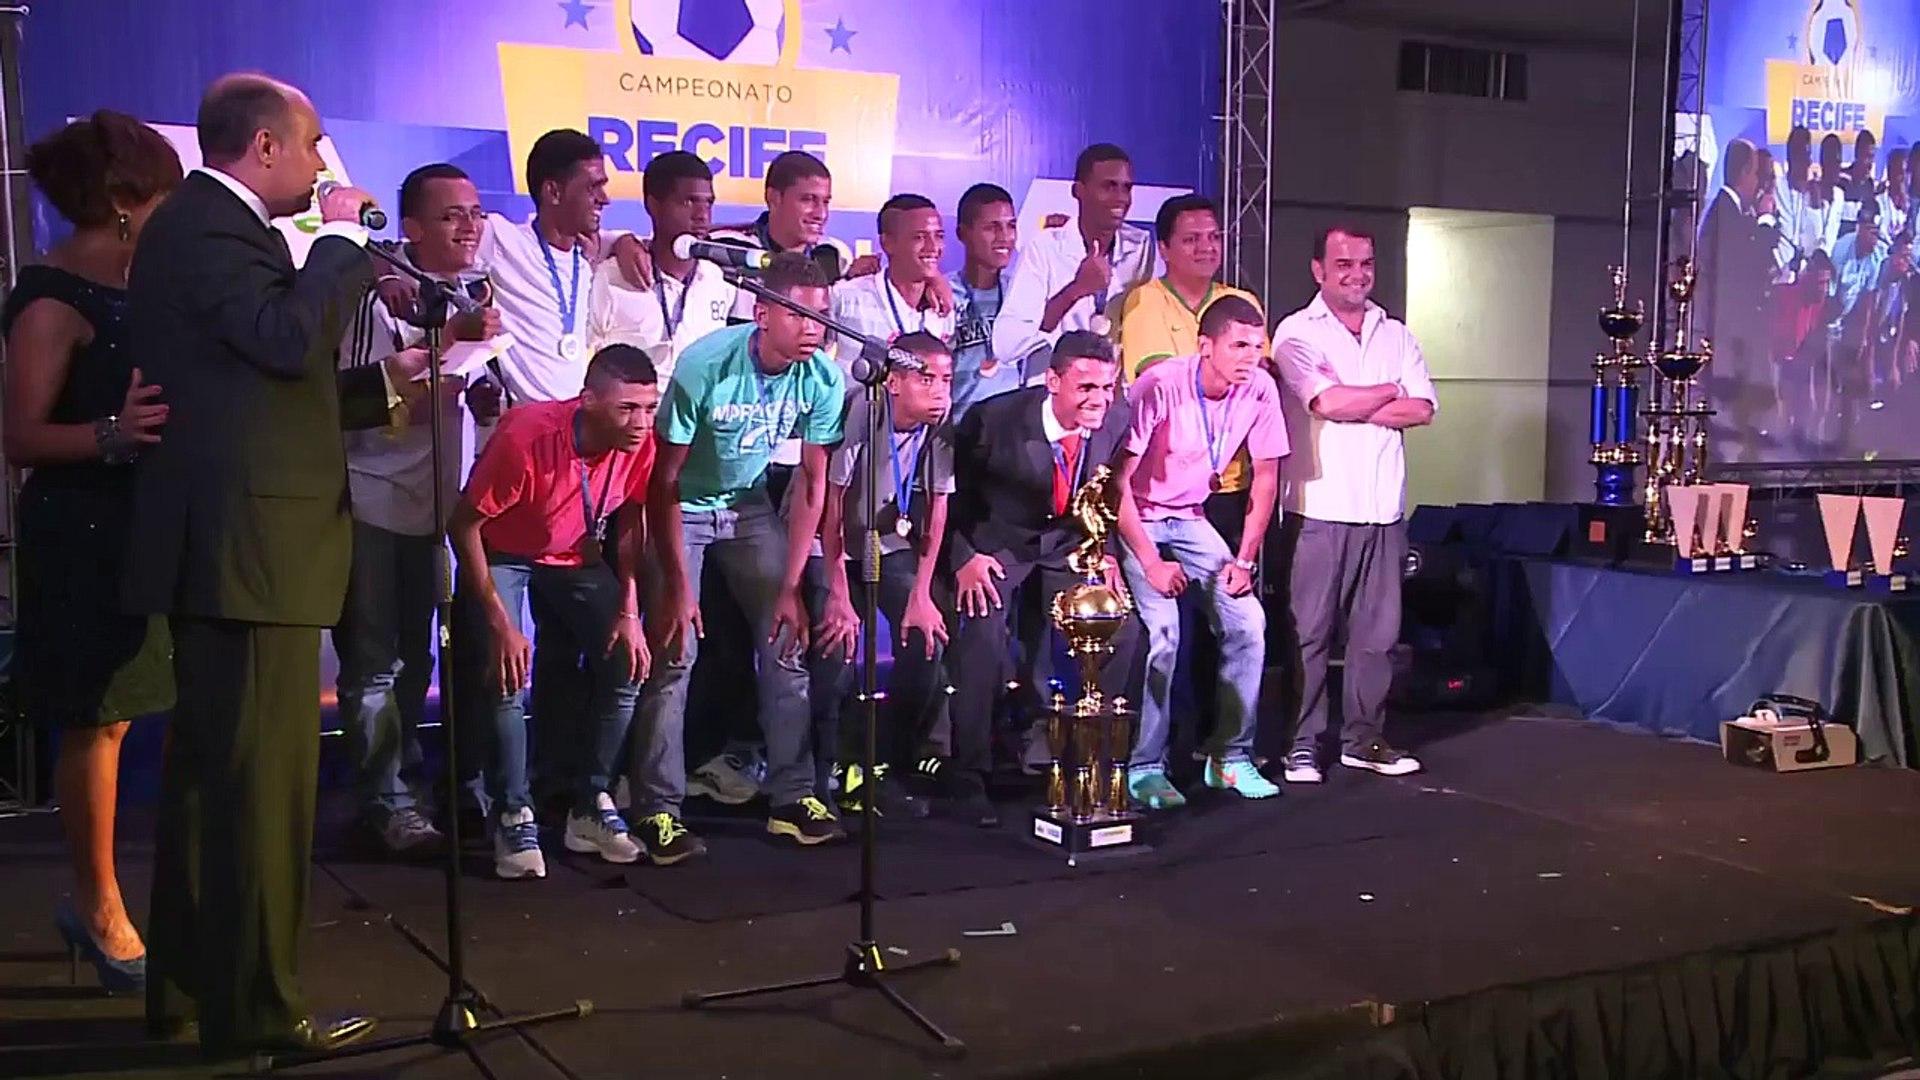 Replay - Premiação e Seleção Liga Campeões de Bola - Recife Bom de Bola 17 12 13 TV Jornal / SBT